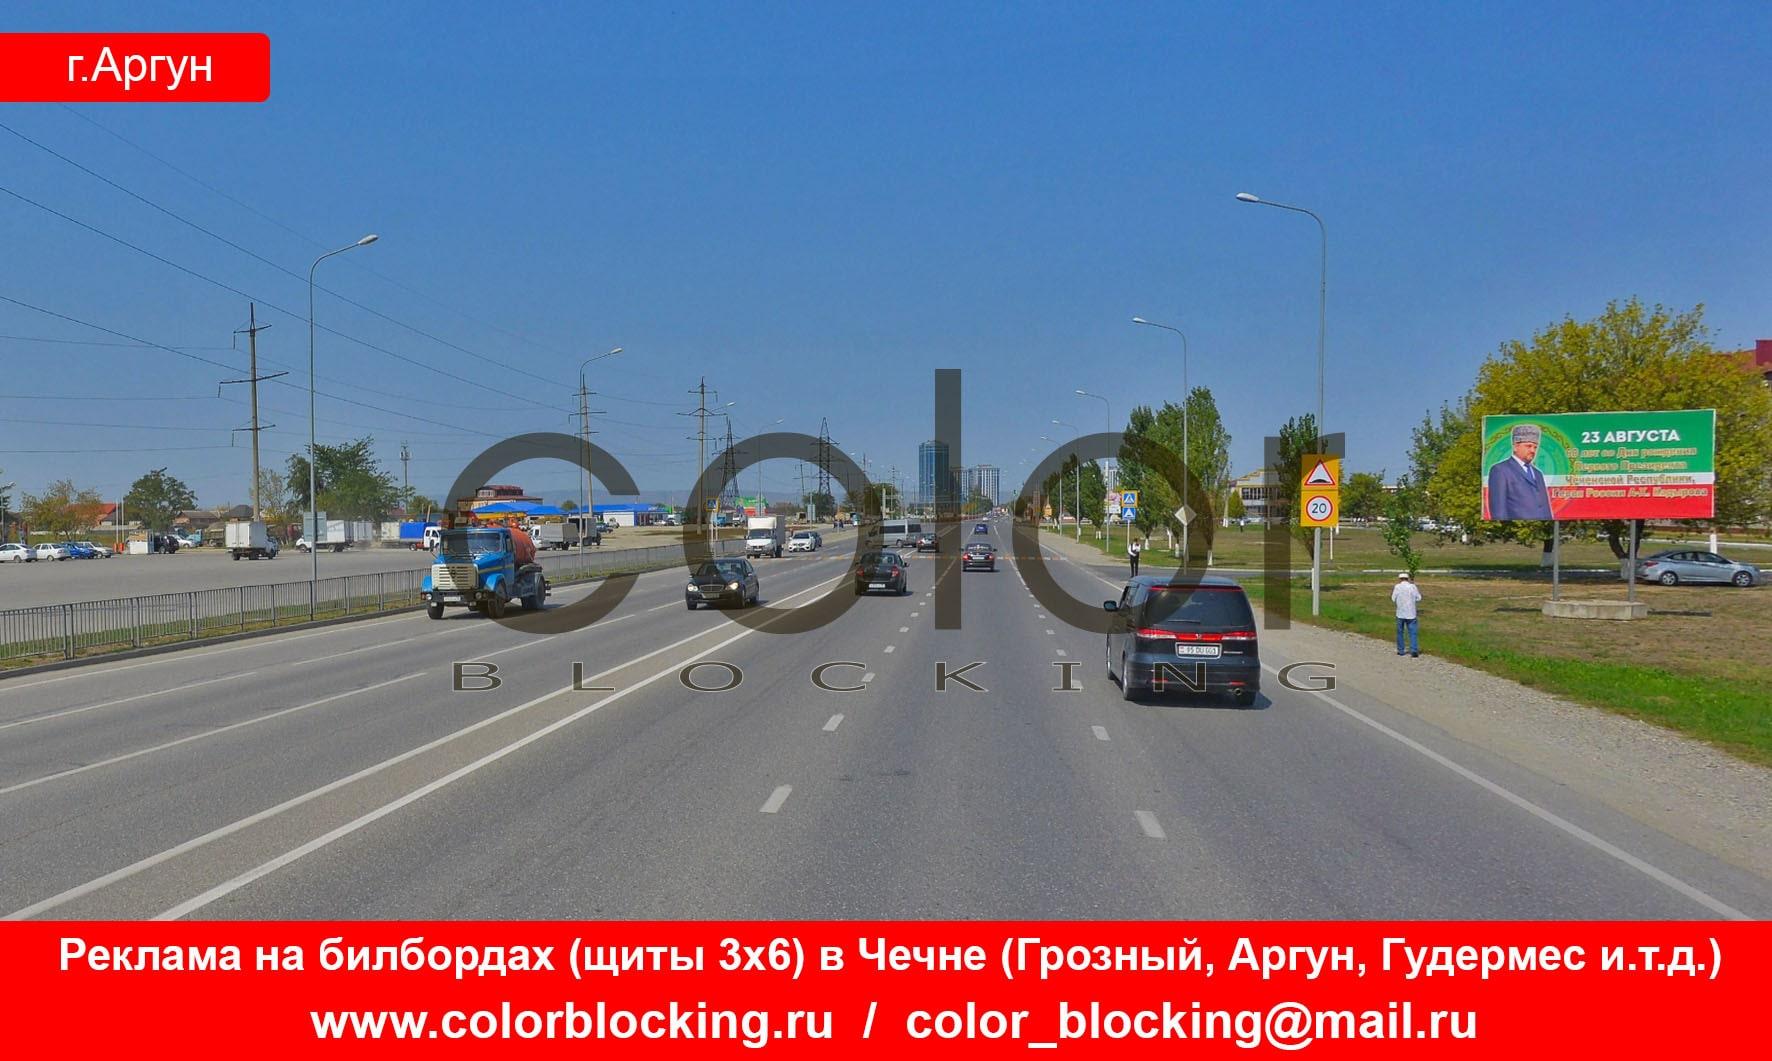 Наружная реклама в Аргуне 3х6